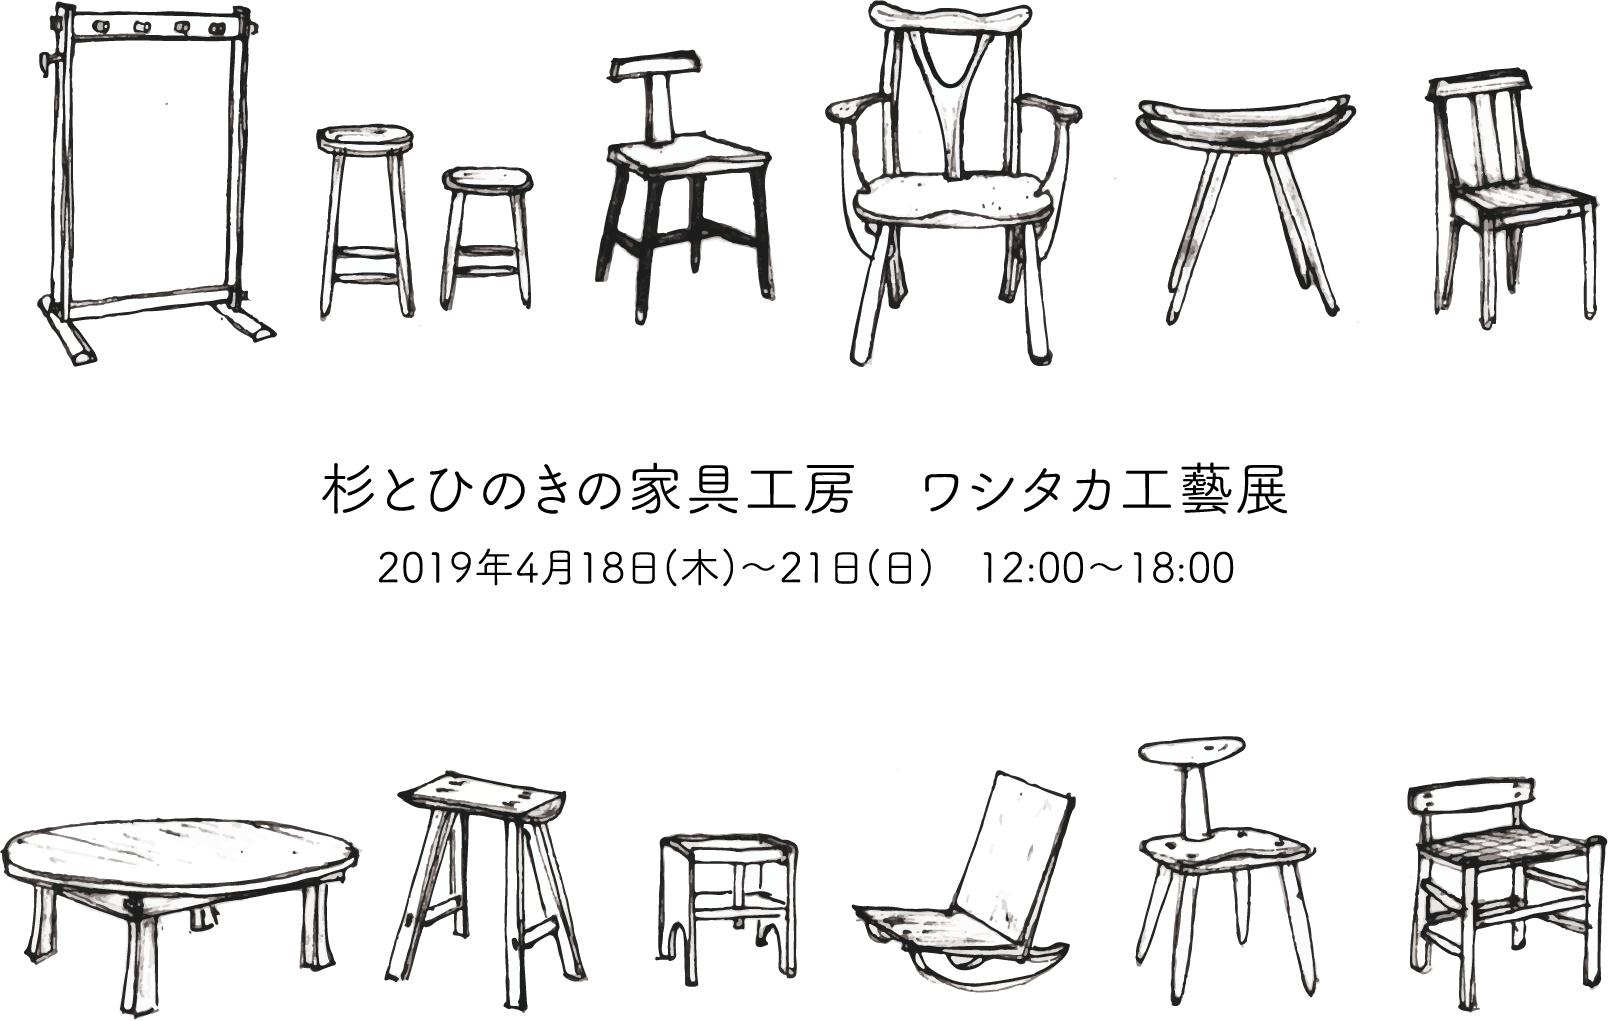 第23回ミセノマ企画「杉とひのきの家具工房 ワシタカ工藝展」